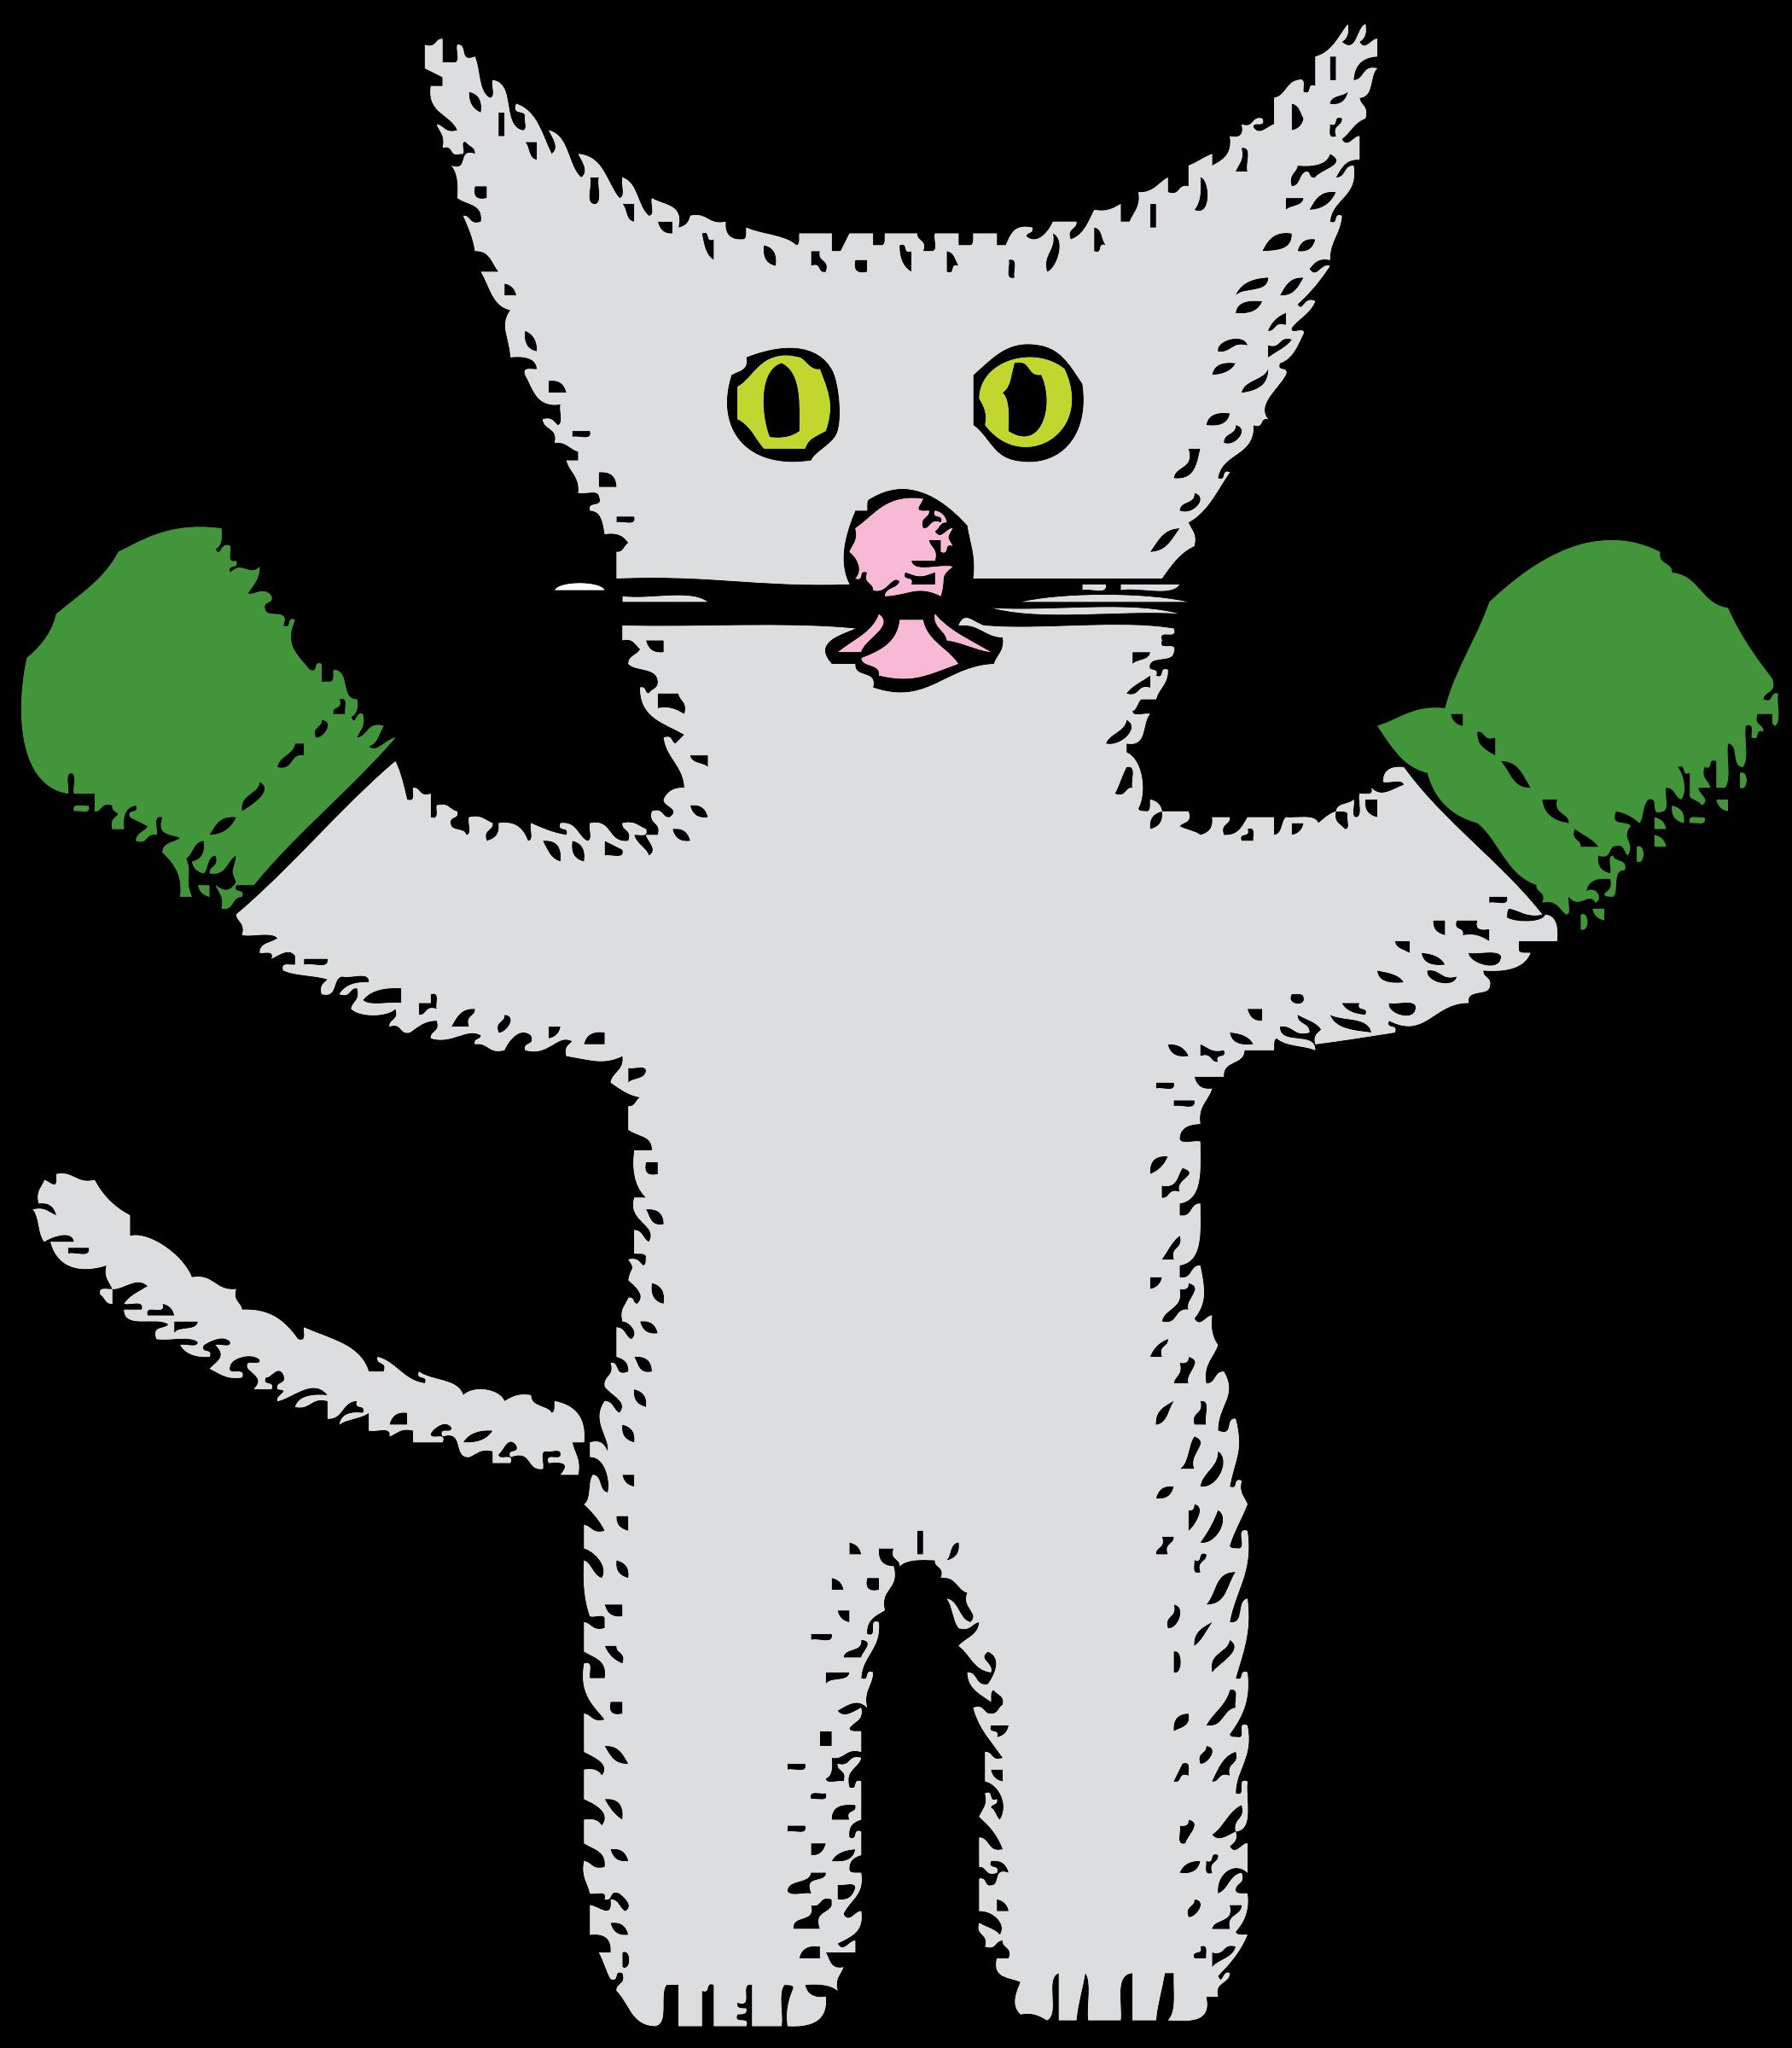 Kitten with jokingart com. Mittens clipart cartoon